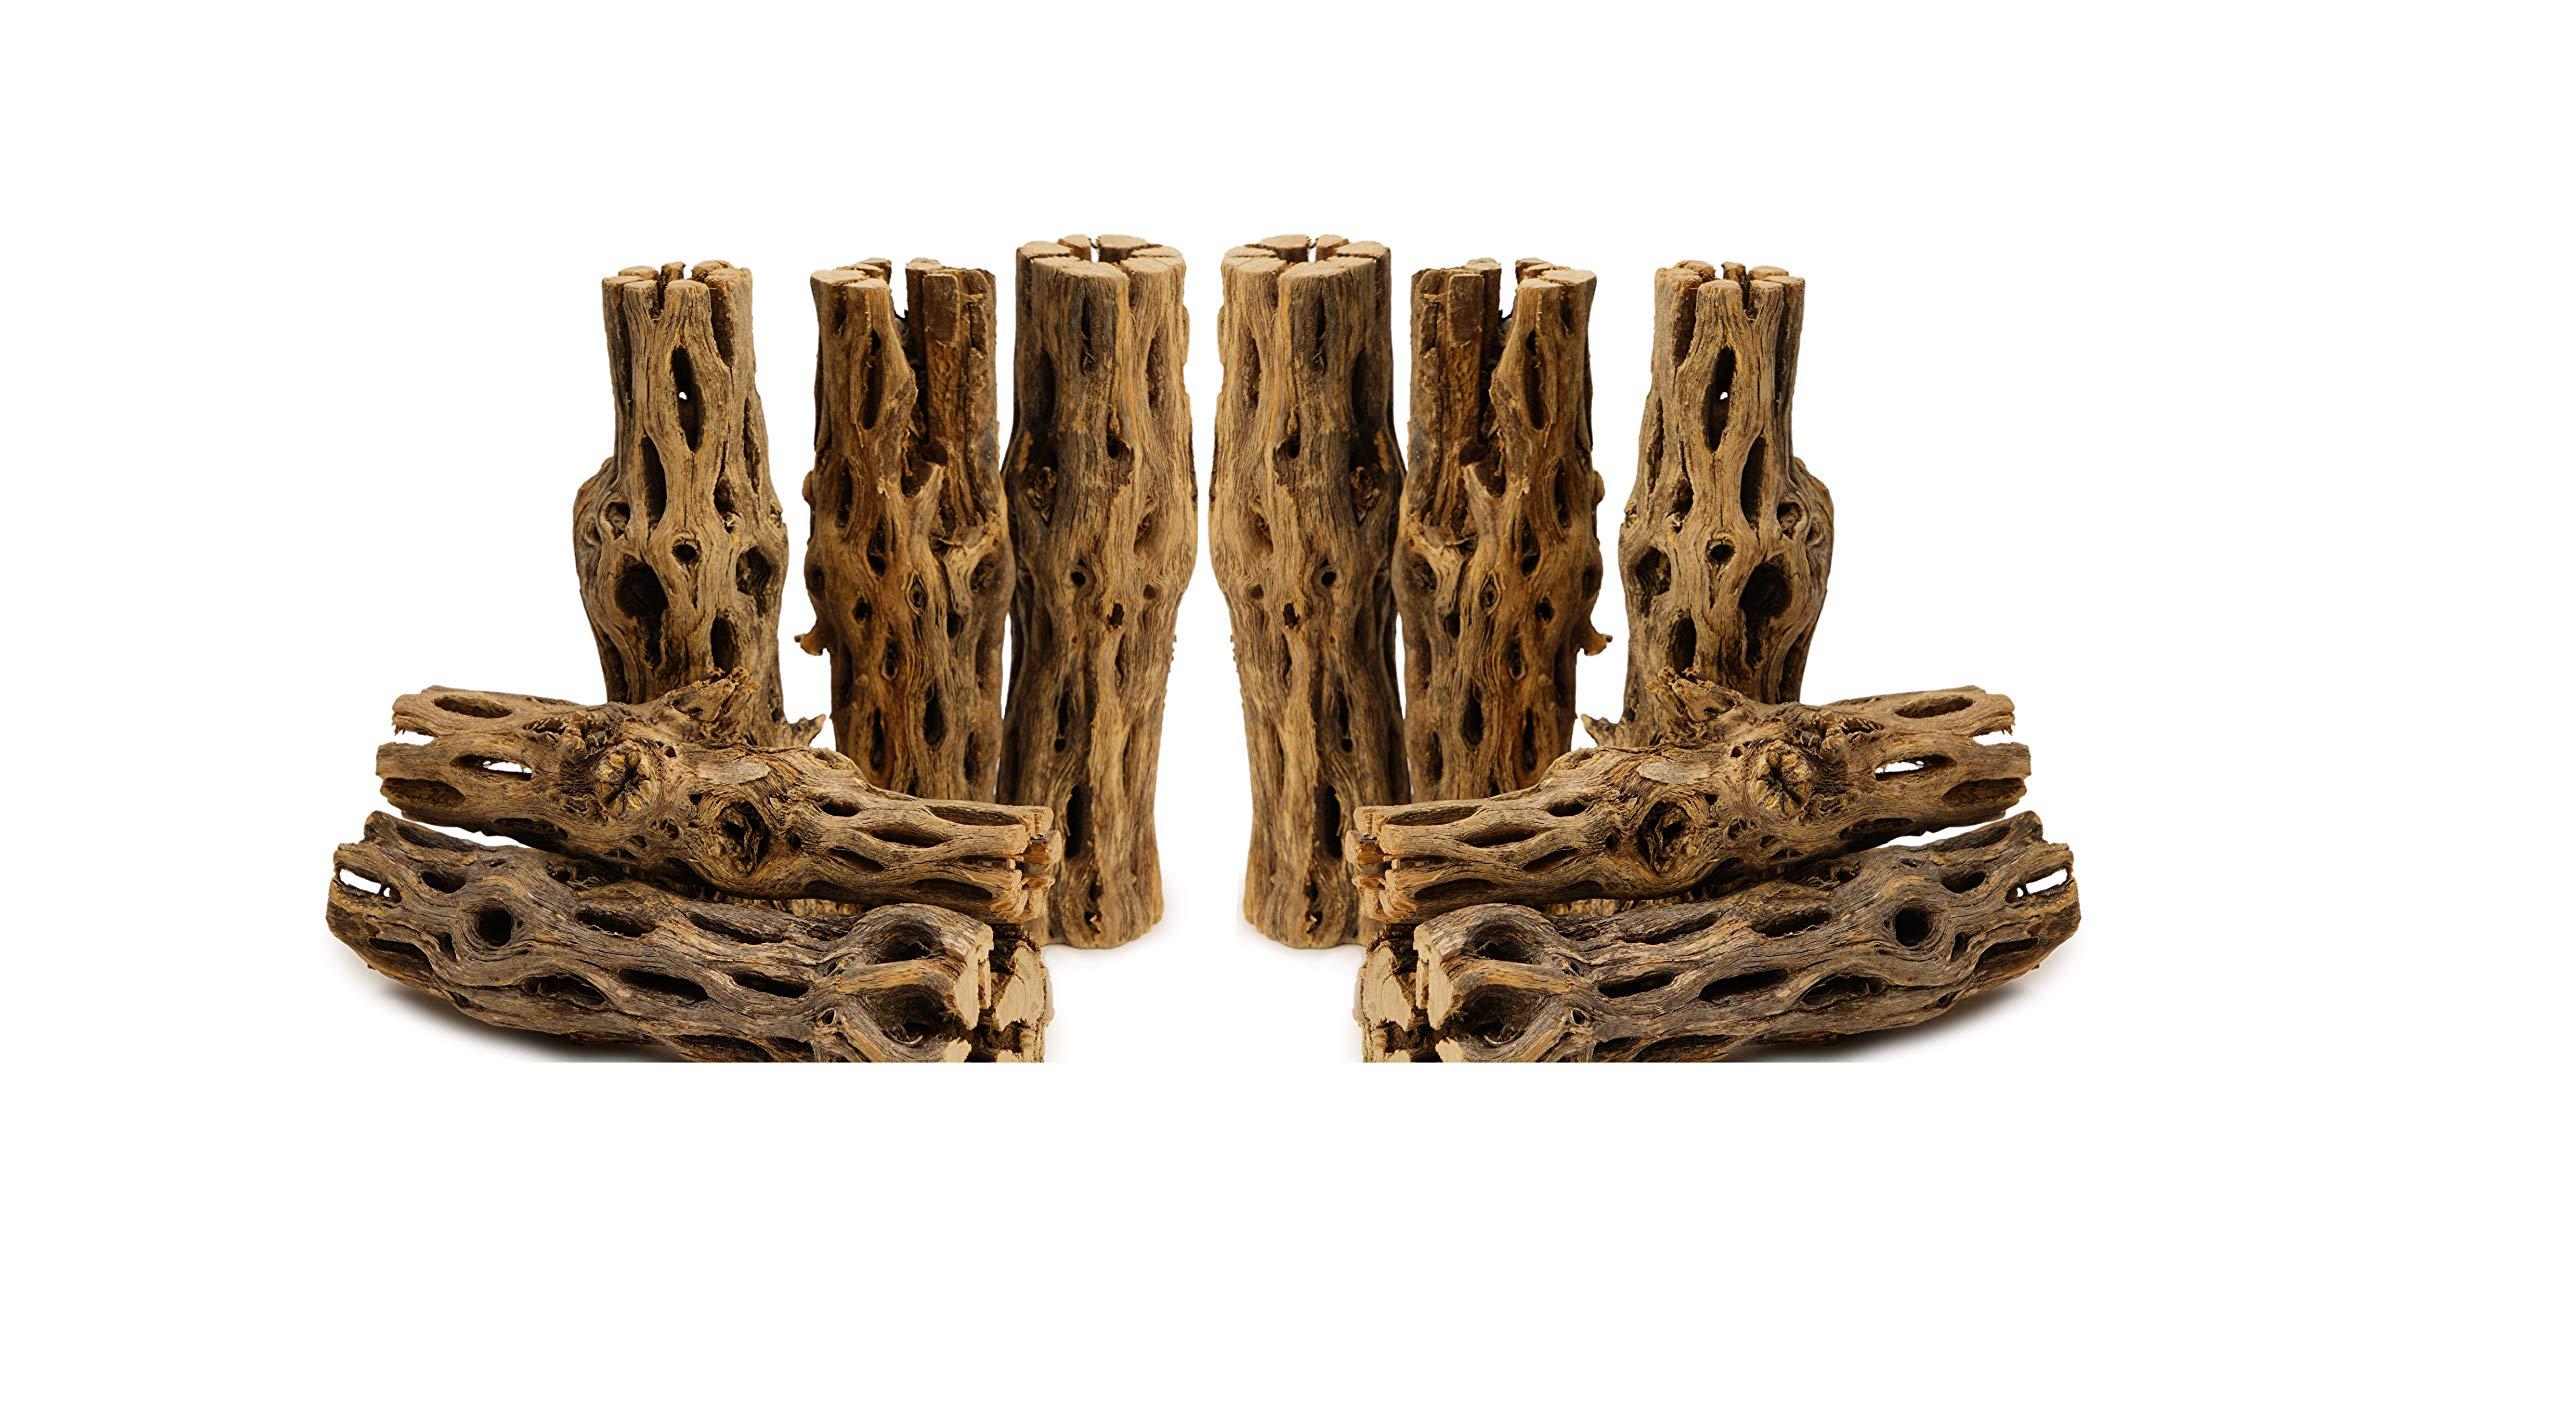 NApremium Natural Cholla Wood | 10 Pieces of 5-6'' Long Natural Cholla Wood for Aquarium Decoration, Hermit Crabs, Shrimp (20x 5-6'' Cholla) by NilocG Aquatics